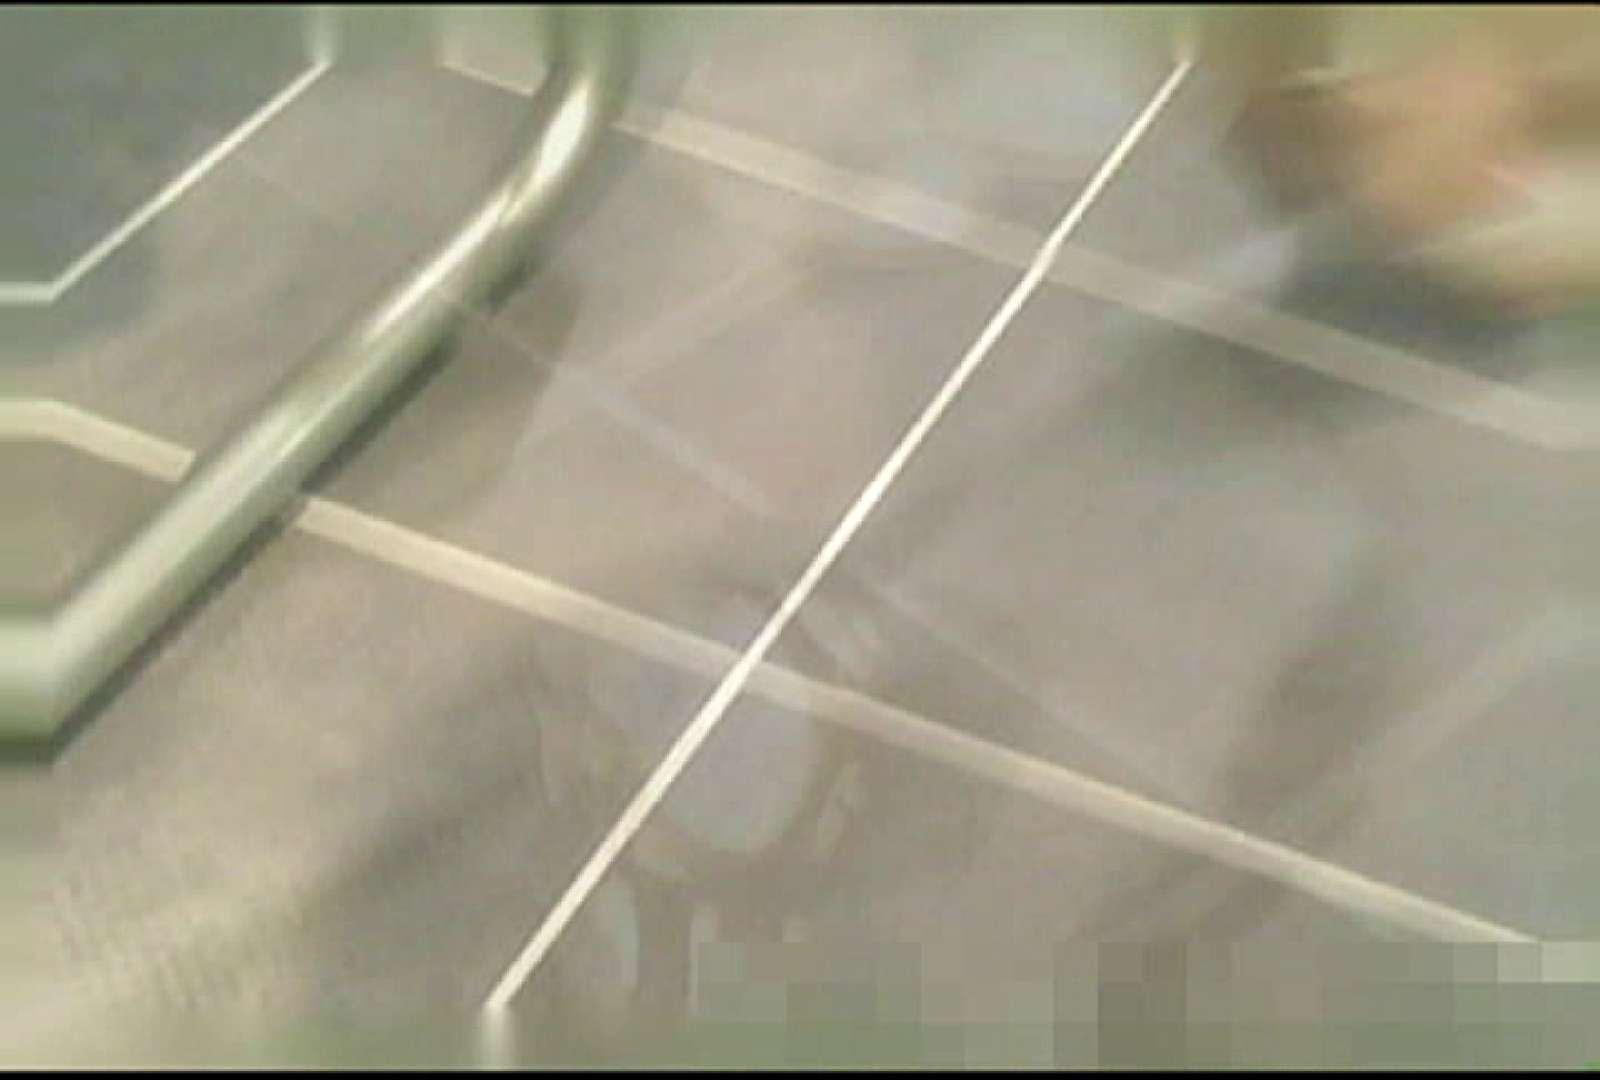 「ノゾキスト」さんの陰撮!!美女サルベージVol.1 OLヌード天国  89PIX 12